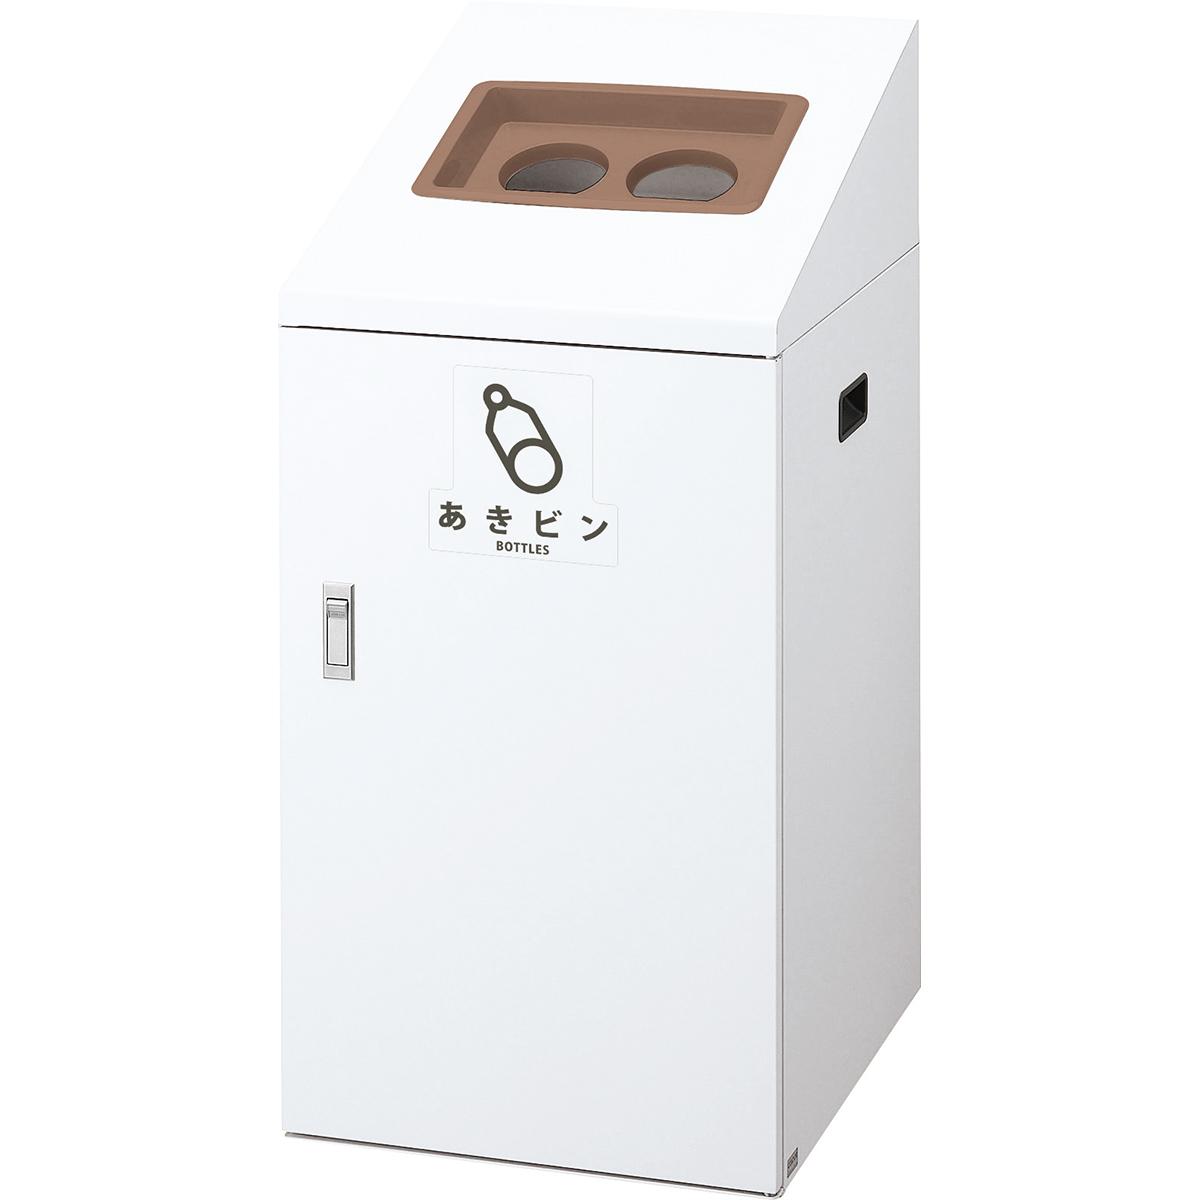 【単品配送】 山崎産業 リサイクルボックス TI-90 90L あきビン/BR(茶) YW-424L-ID